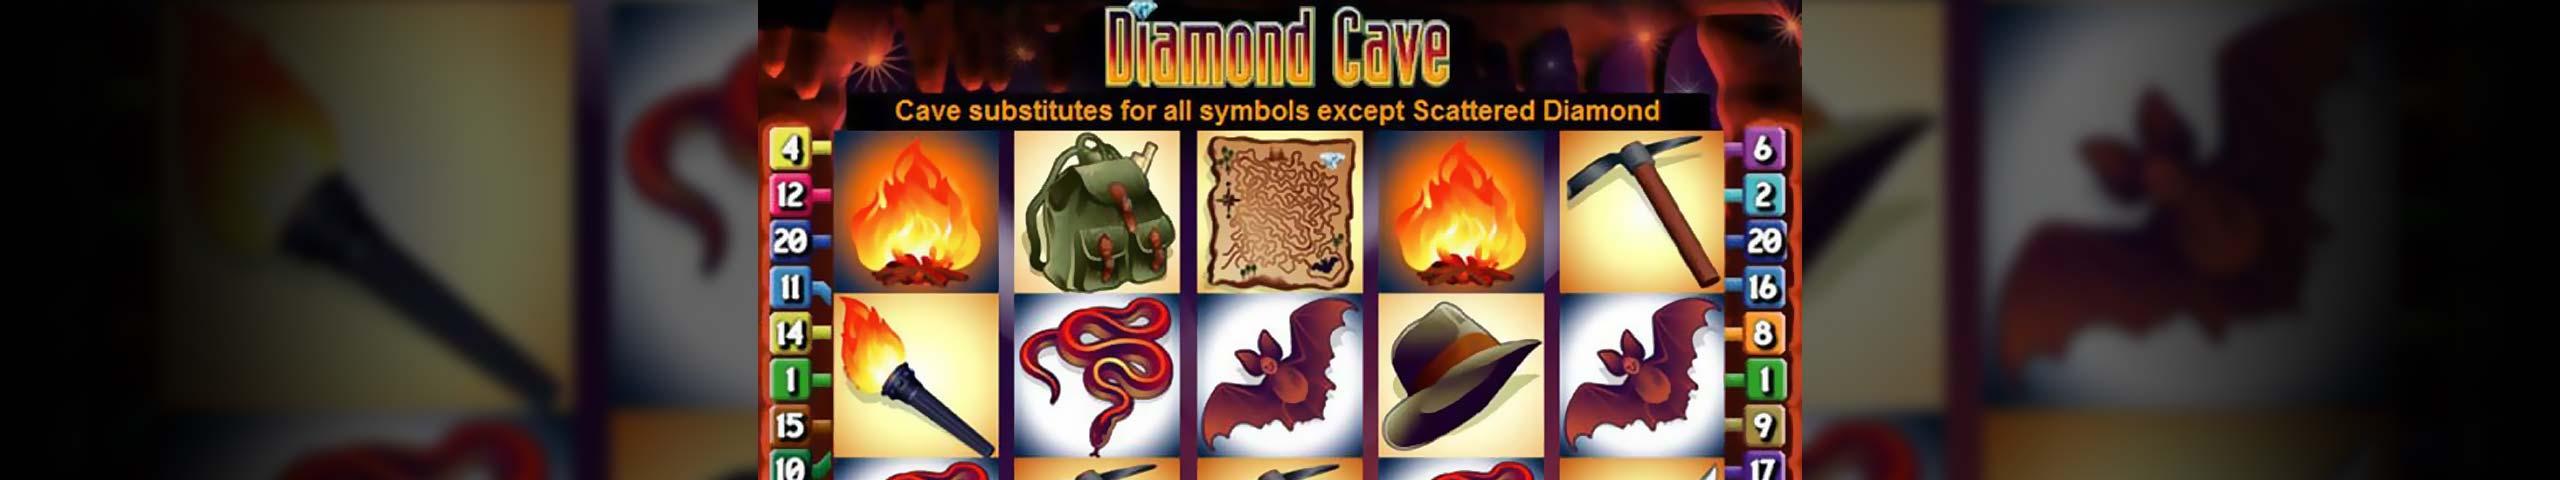 Norske spilleautomater Diamond Cave, Cryptologic Slider - Himmelspill.com